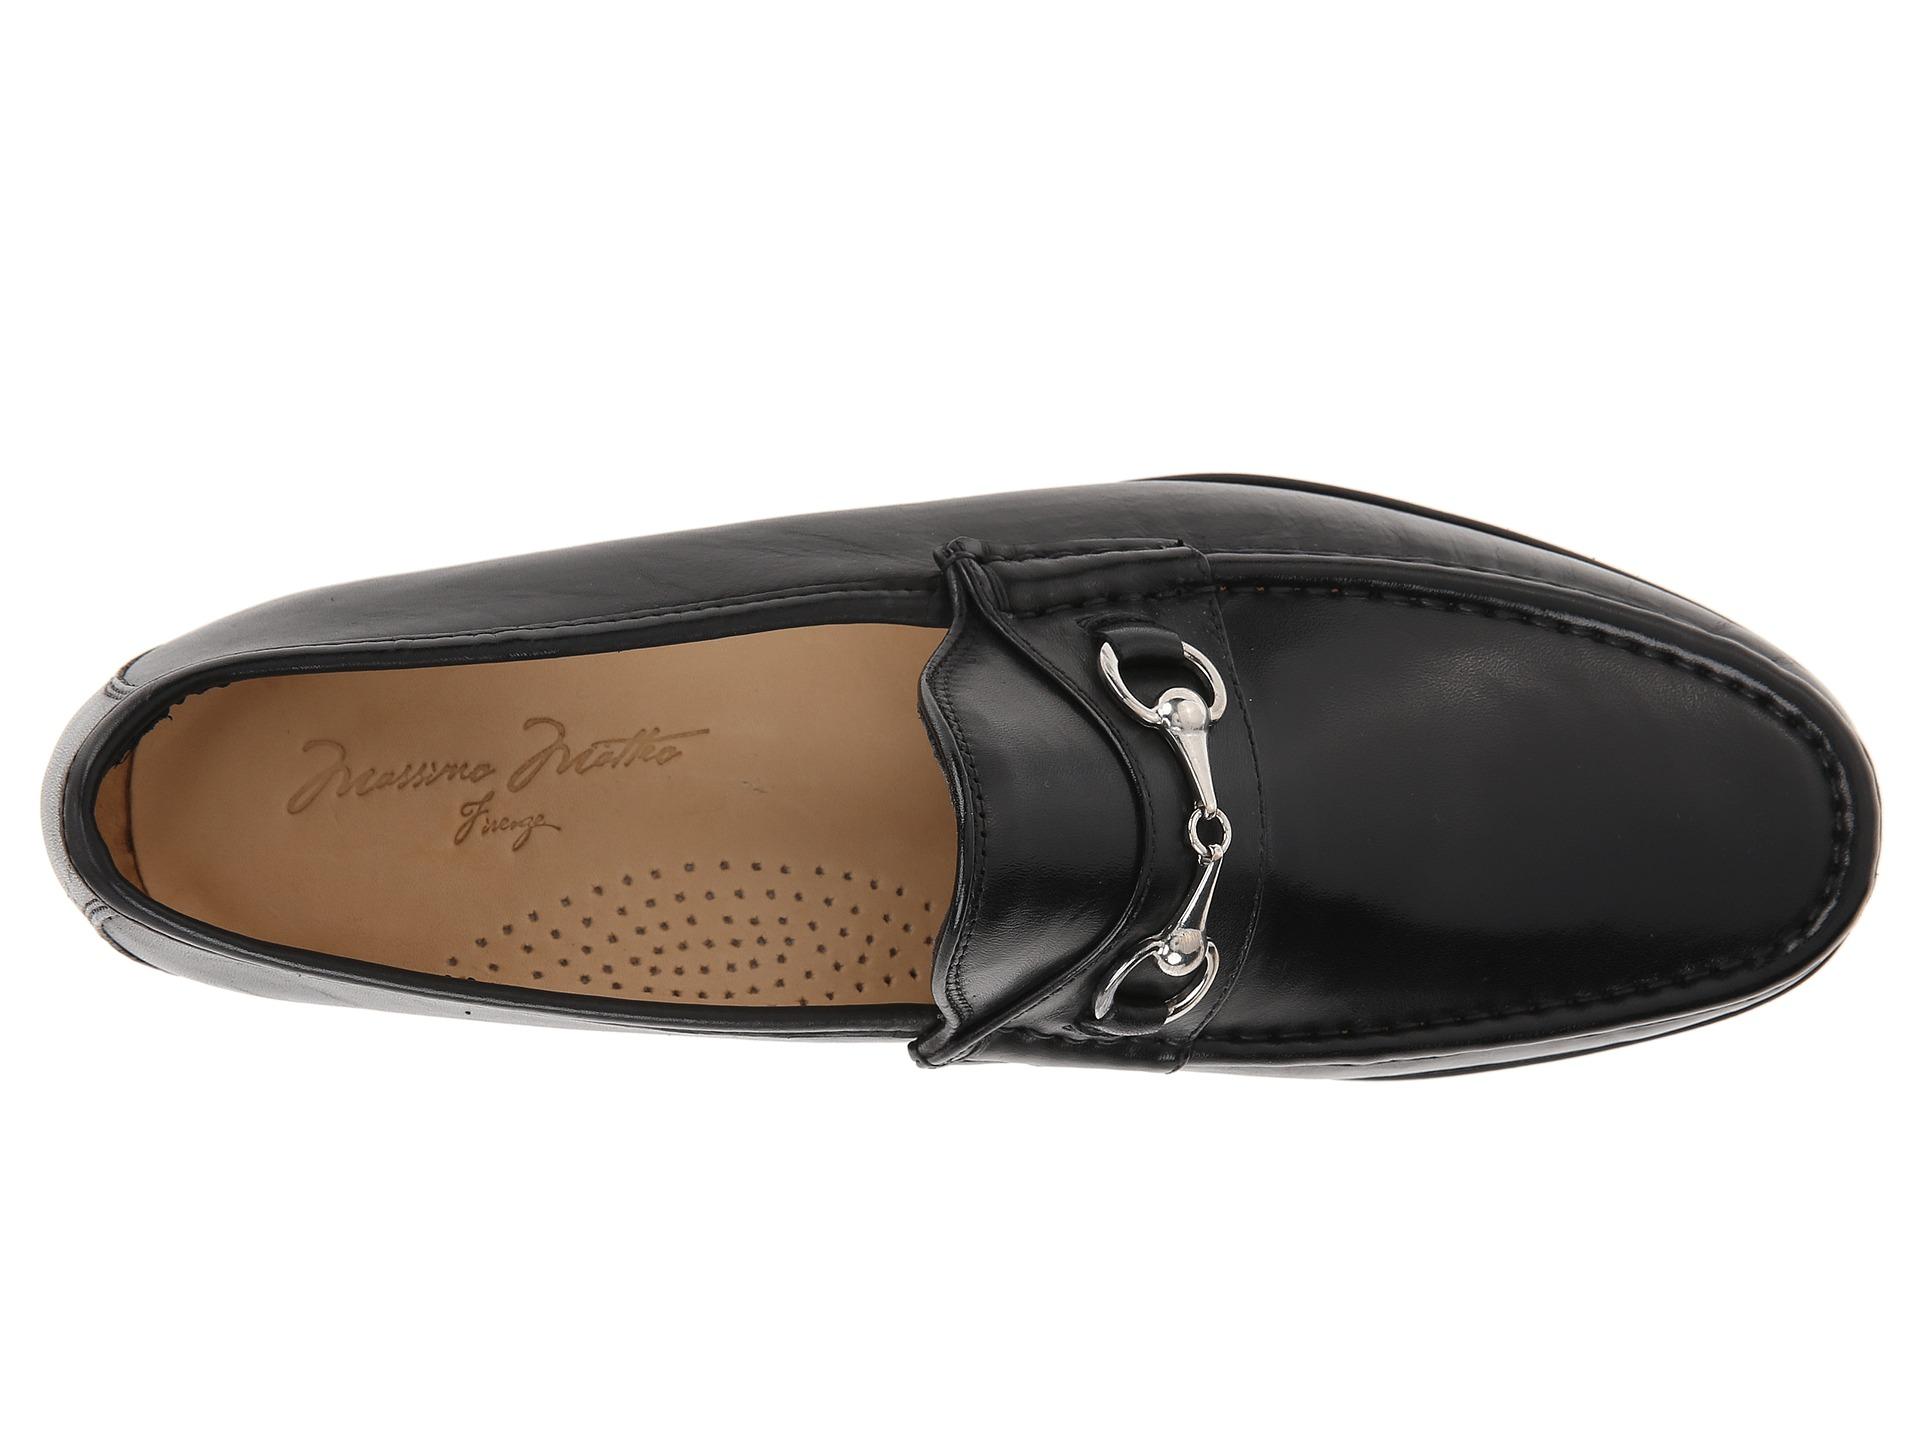 Moccasin Men Shoes Images Decorating Ideas Stylish